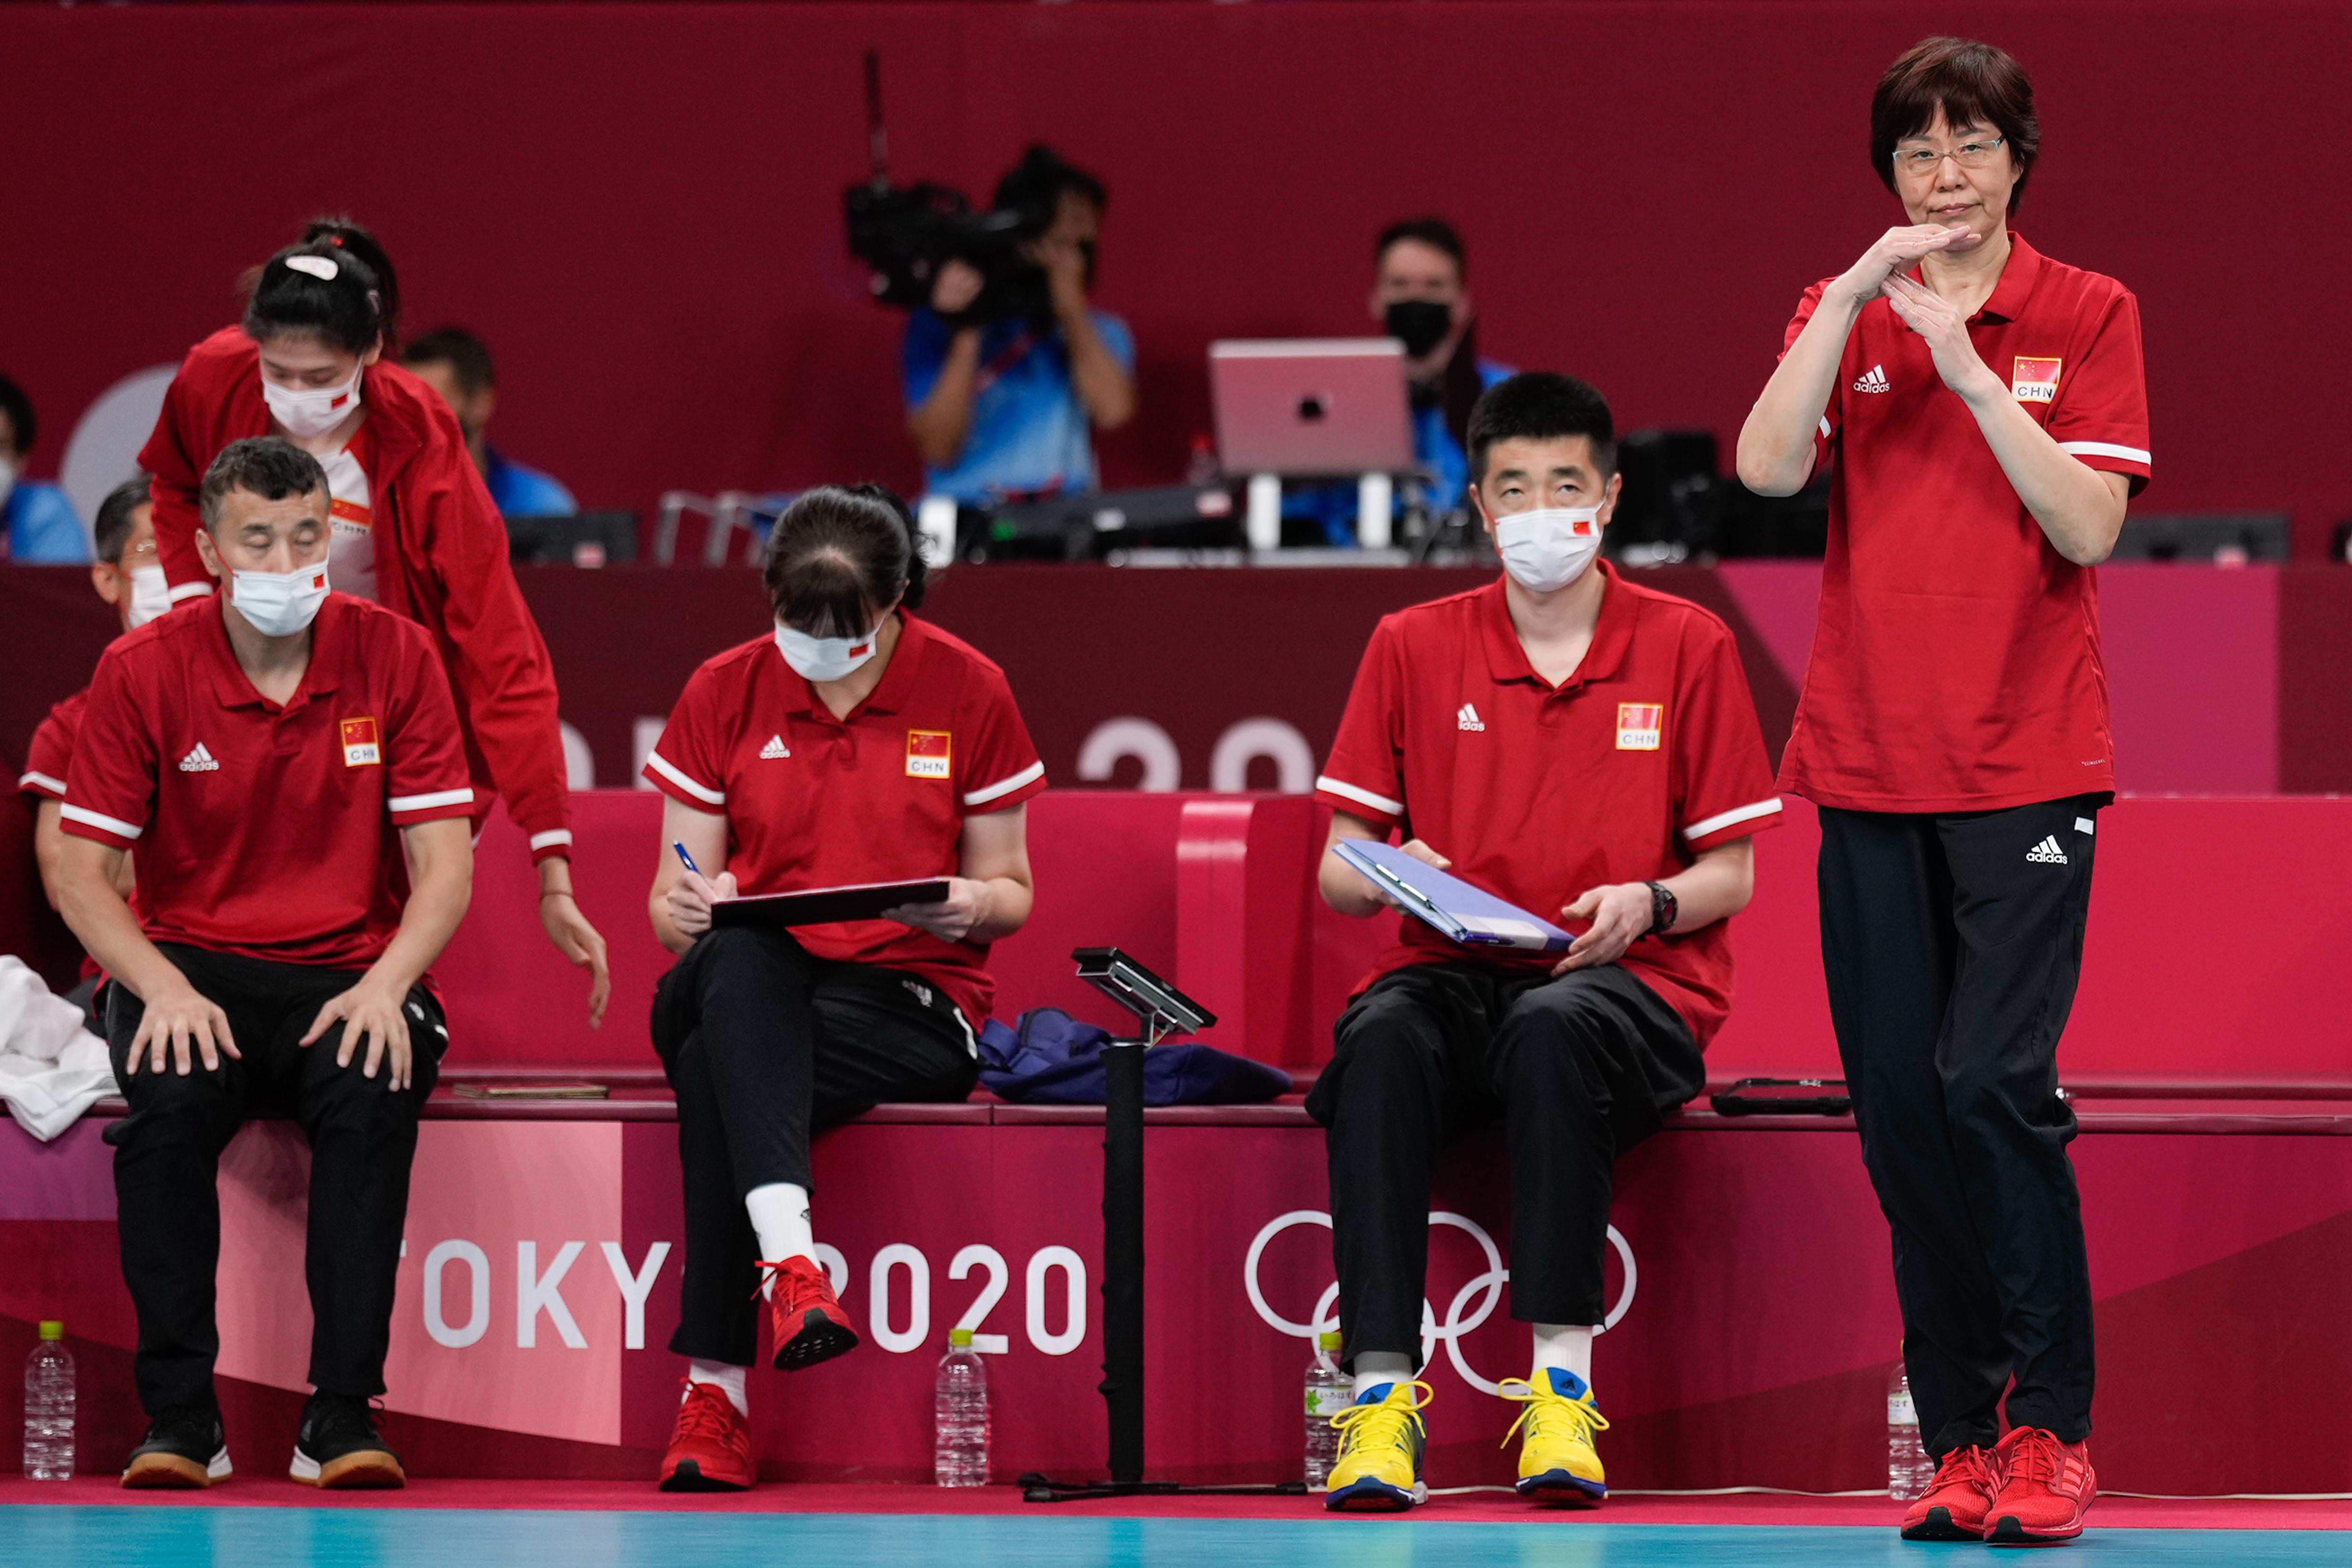 郎平和自己的教练组。